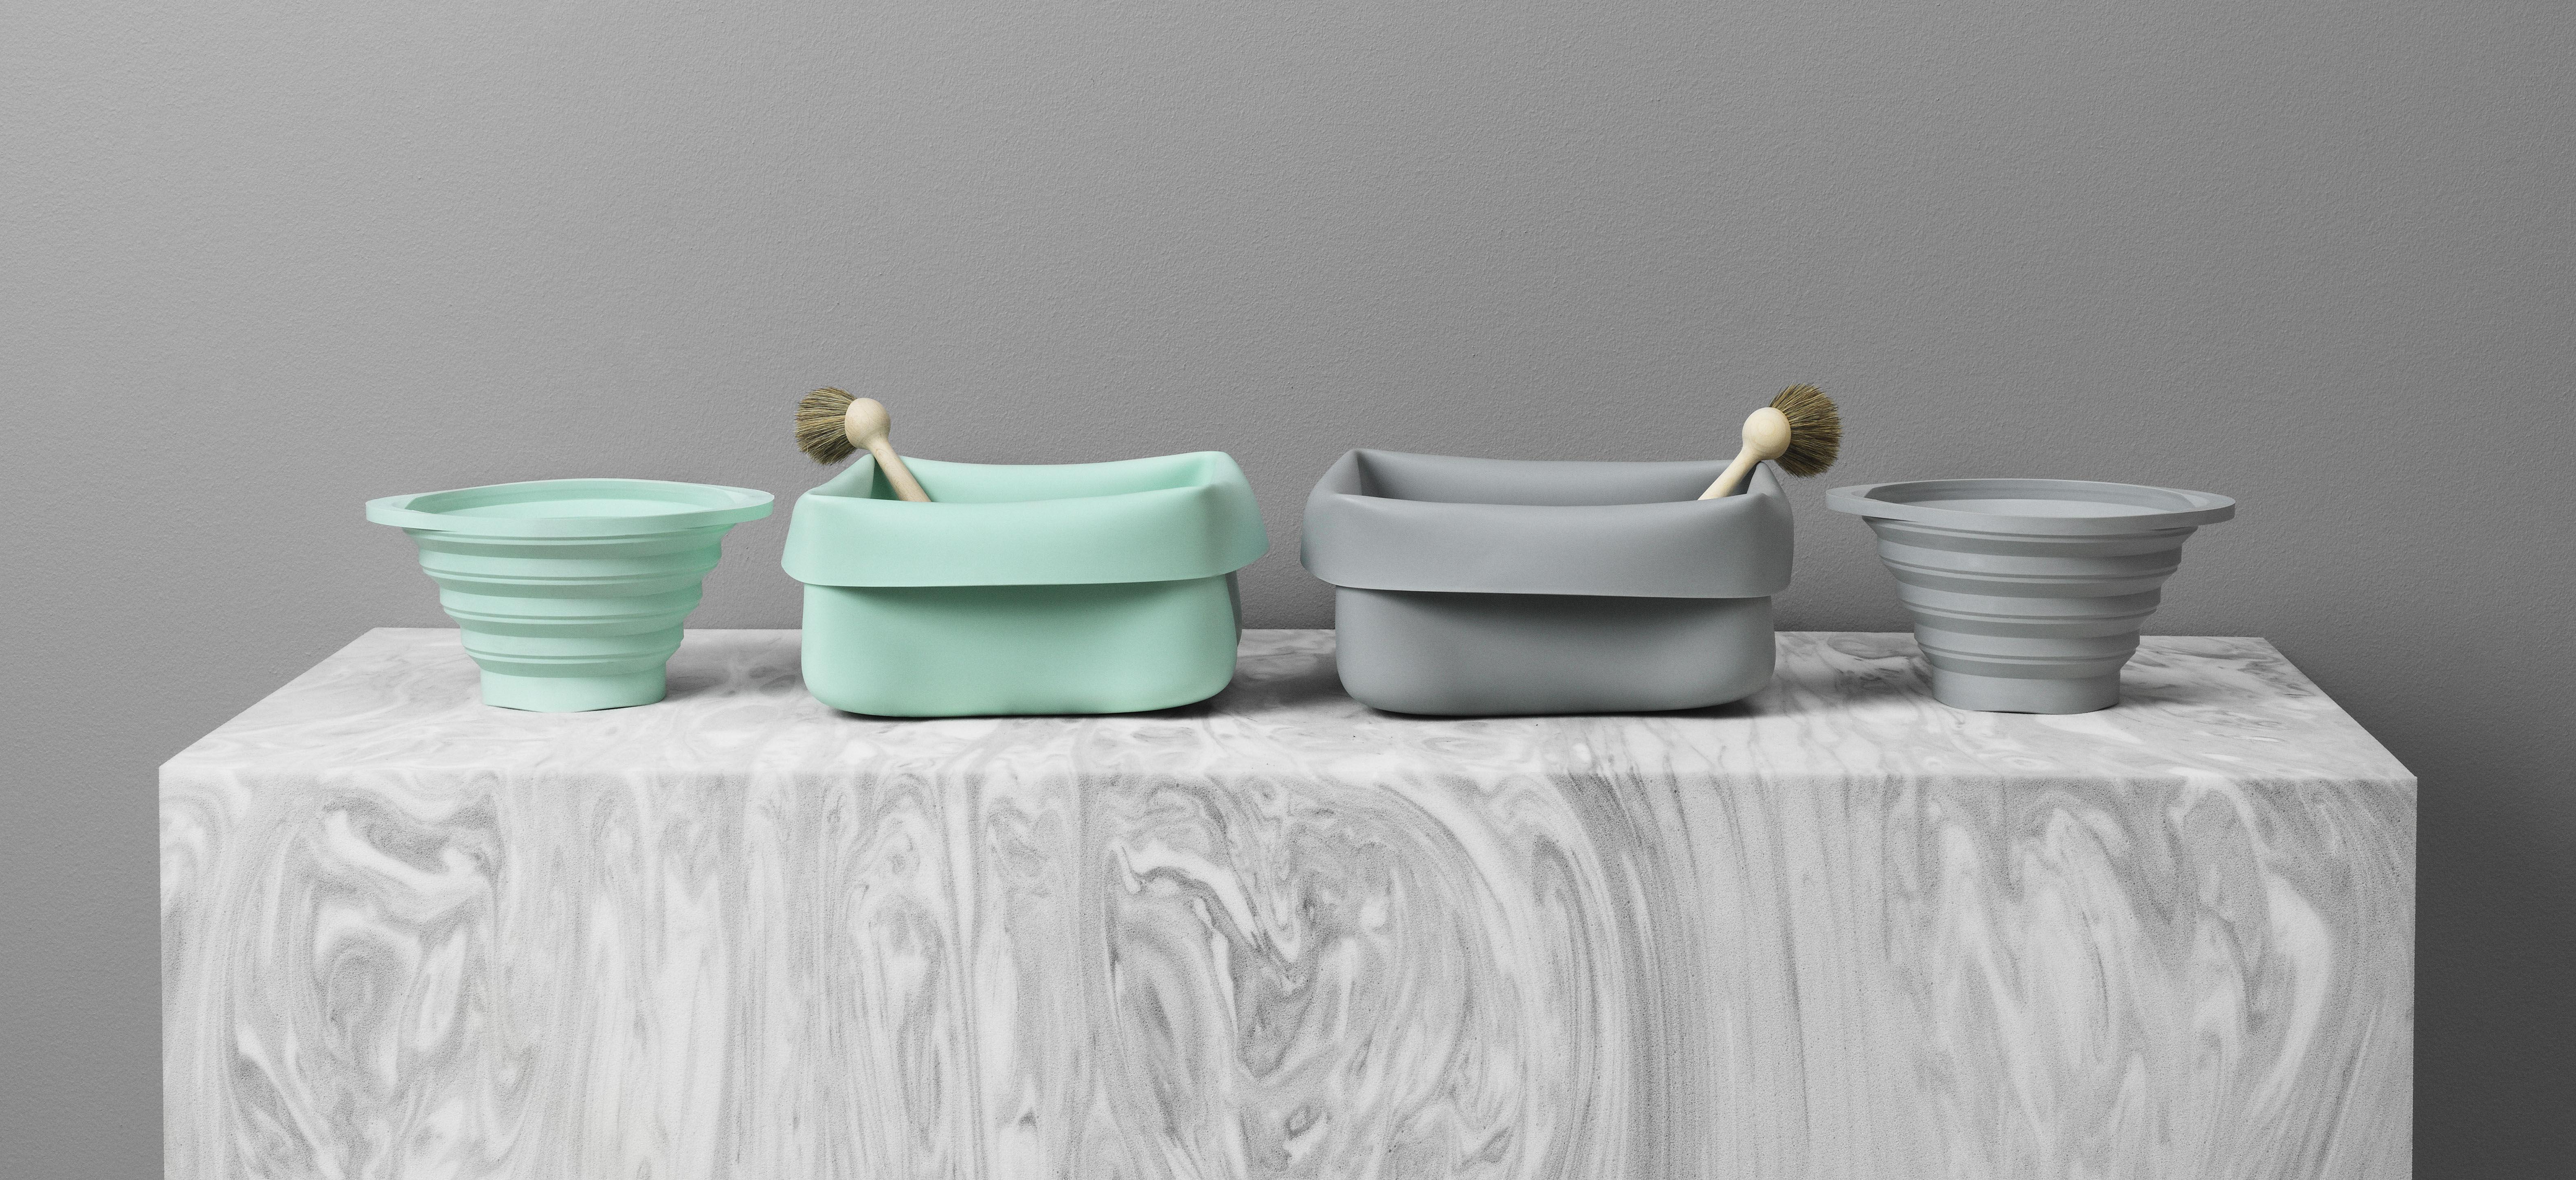 Bassine washing up bowl en caoutchouc avec brosse menthe for Bassine caoutchouc